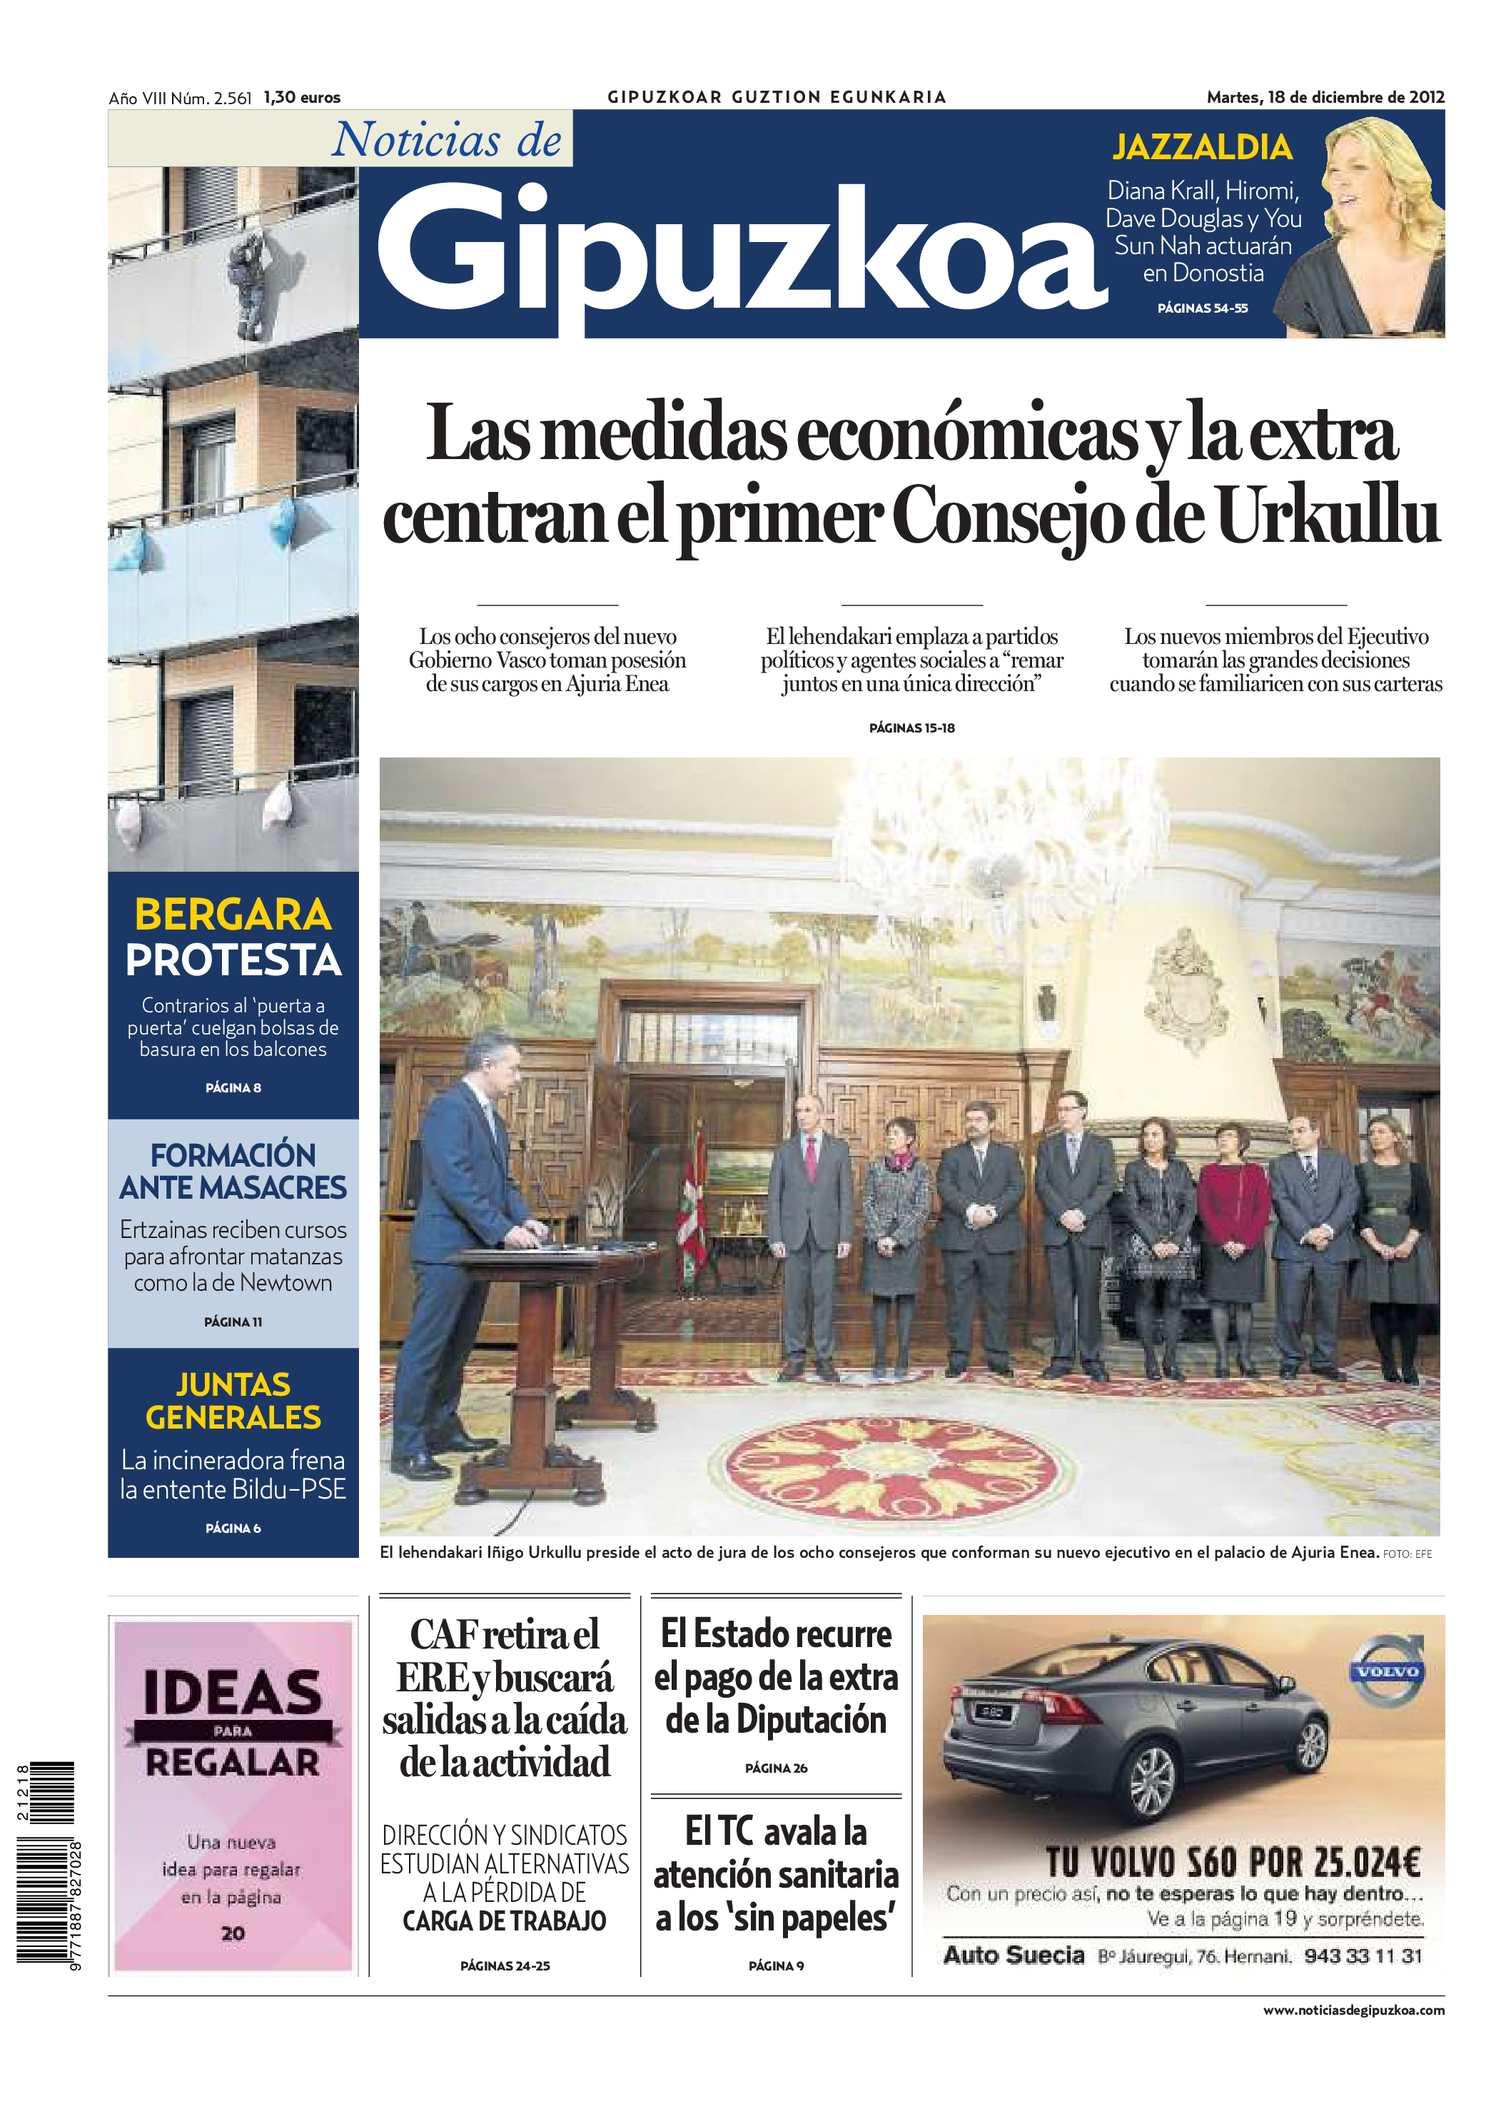 Calaméo - Noticias de Gipuzkoa 20121218 bd2166c32d6